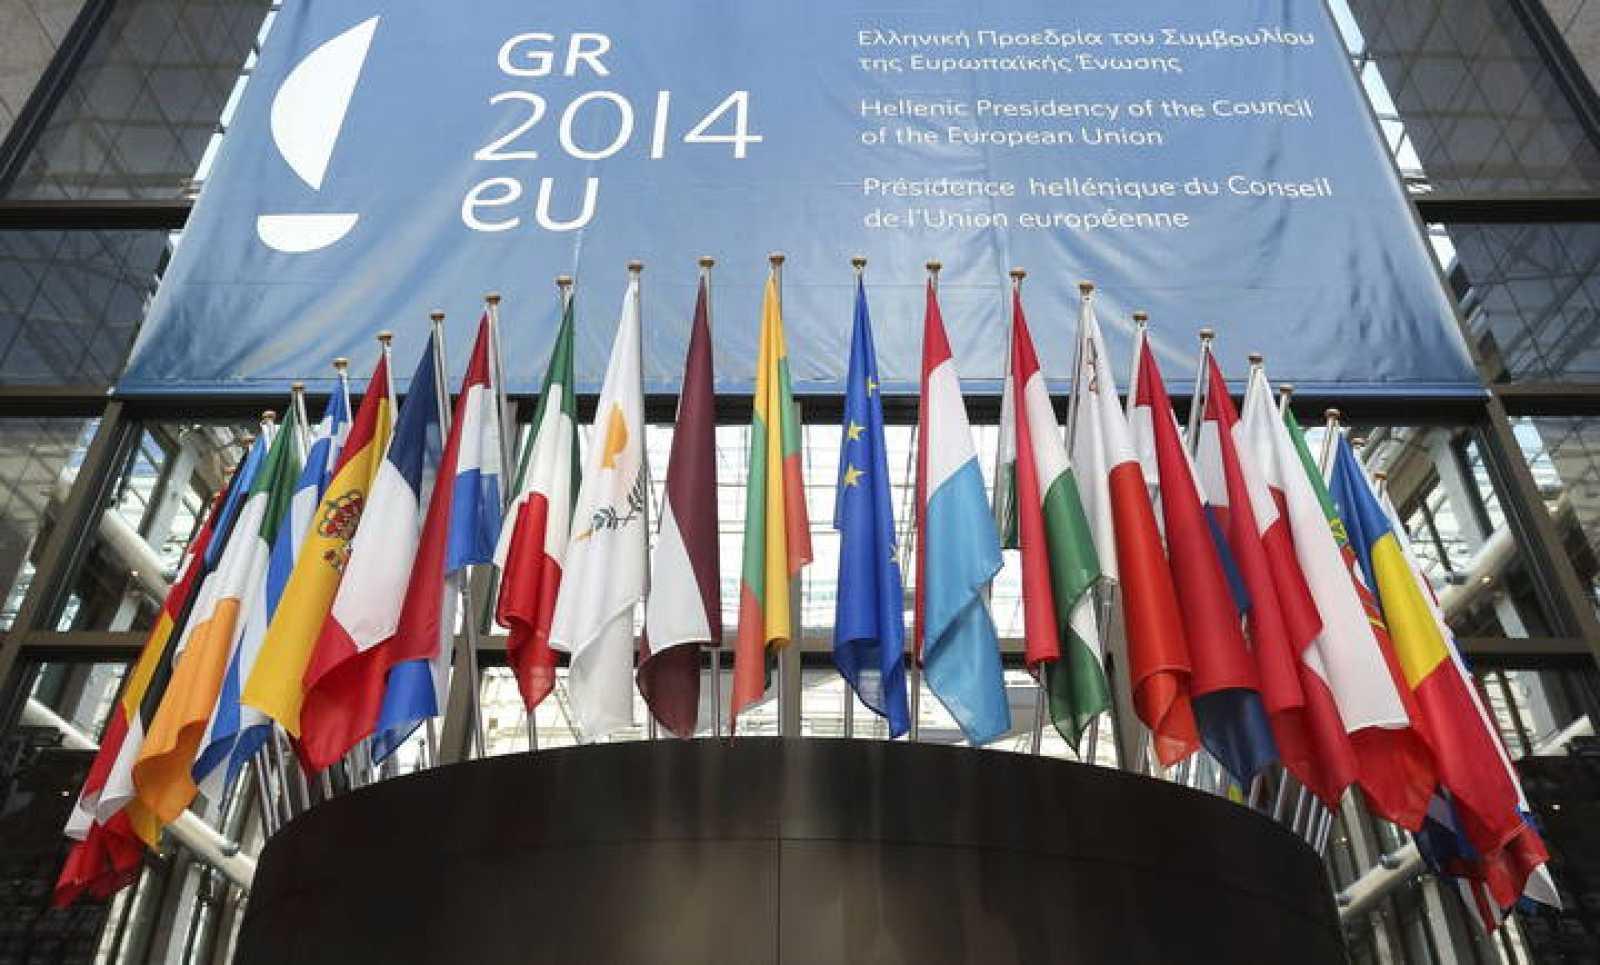 Las banderas de los países miembros de la Unión Europea ondean en la entrada principal del edificio del Consejo Europeo en Bruselas.